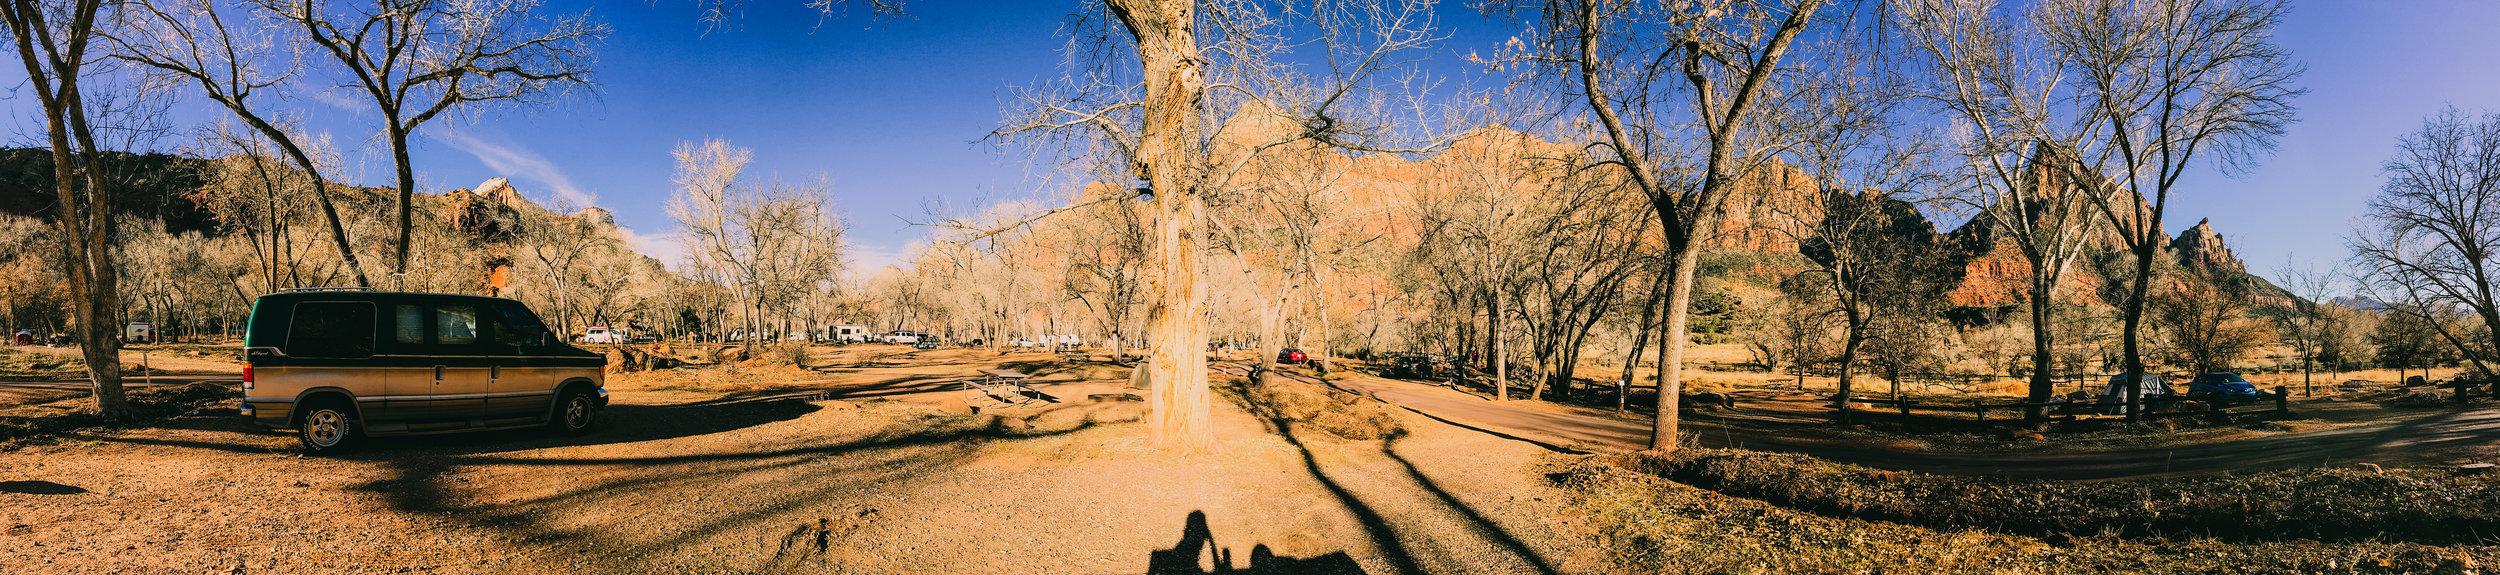 Zion Camp.jpg